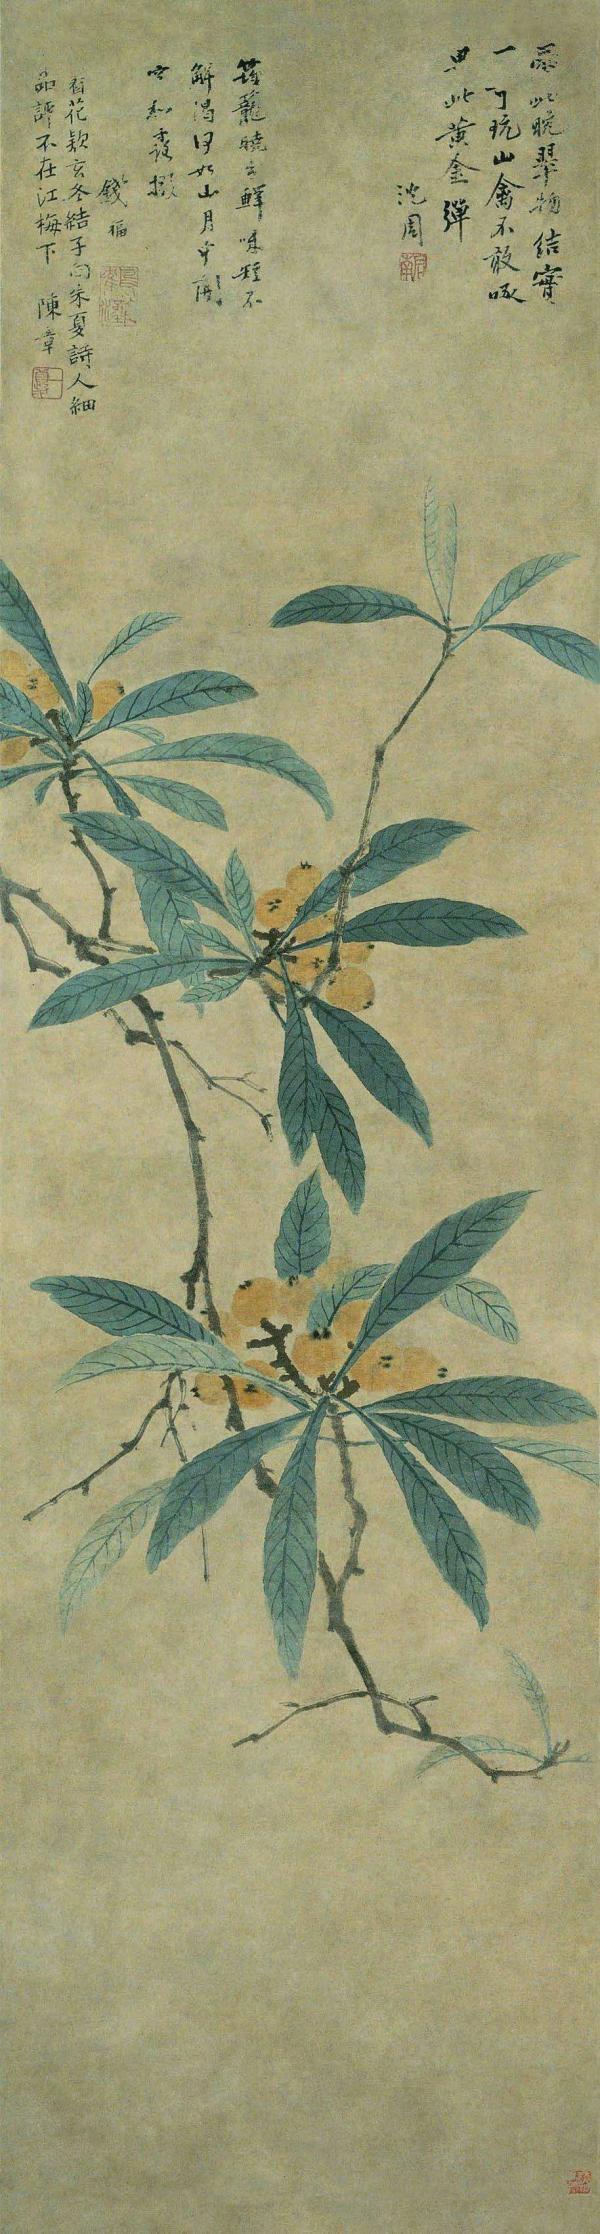 明 沈周《枇杷图轴》 故宫博物院藏